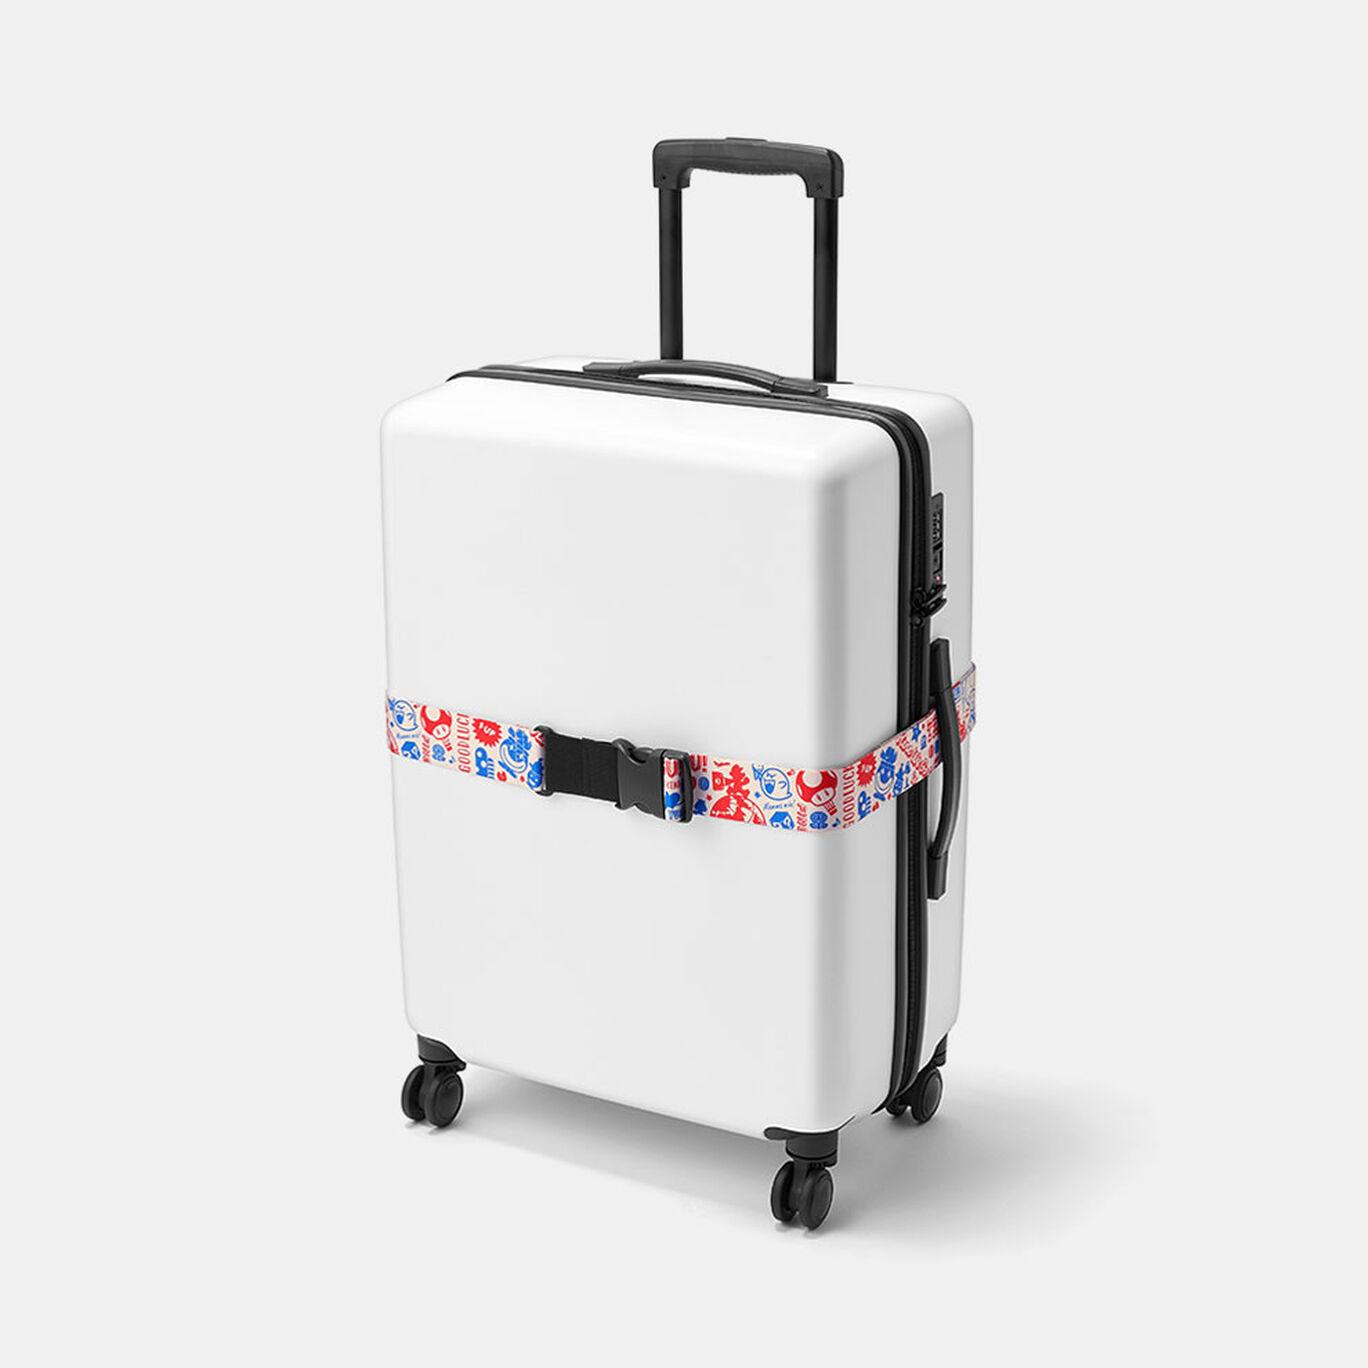 スーツケースベルト スーパーマリオ(オリジナルトラベル柄)